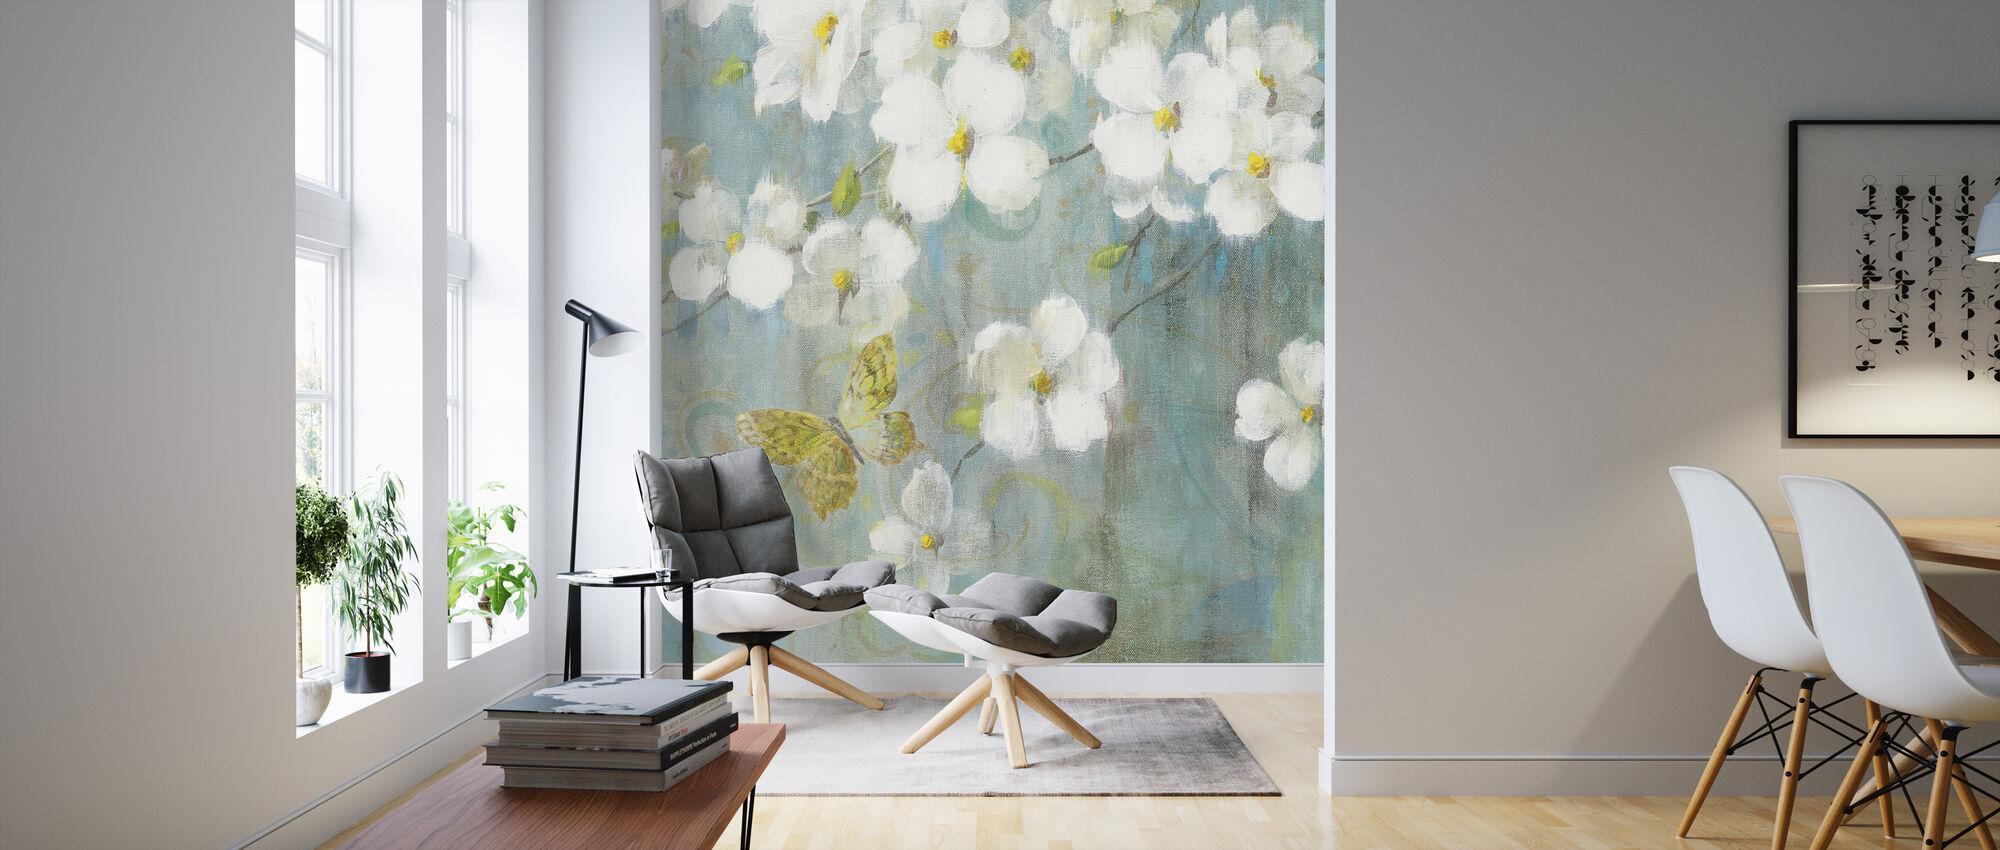 Sueño de primavera 2 - Papel pintado - Salón